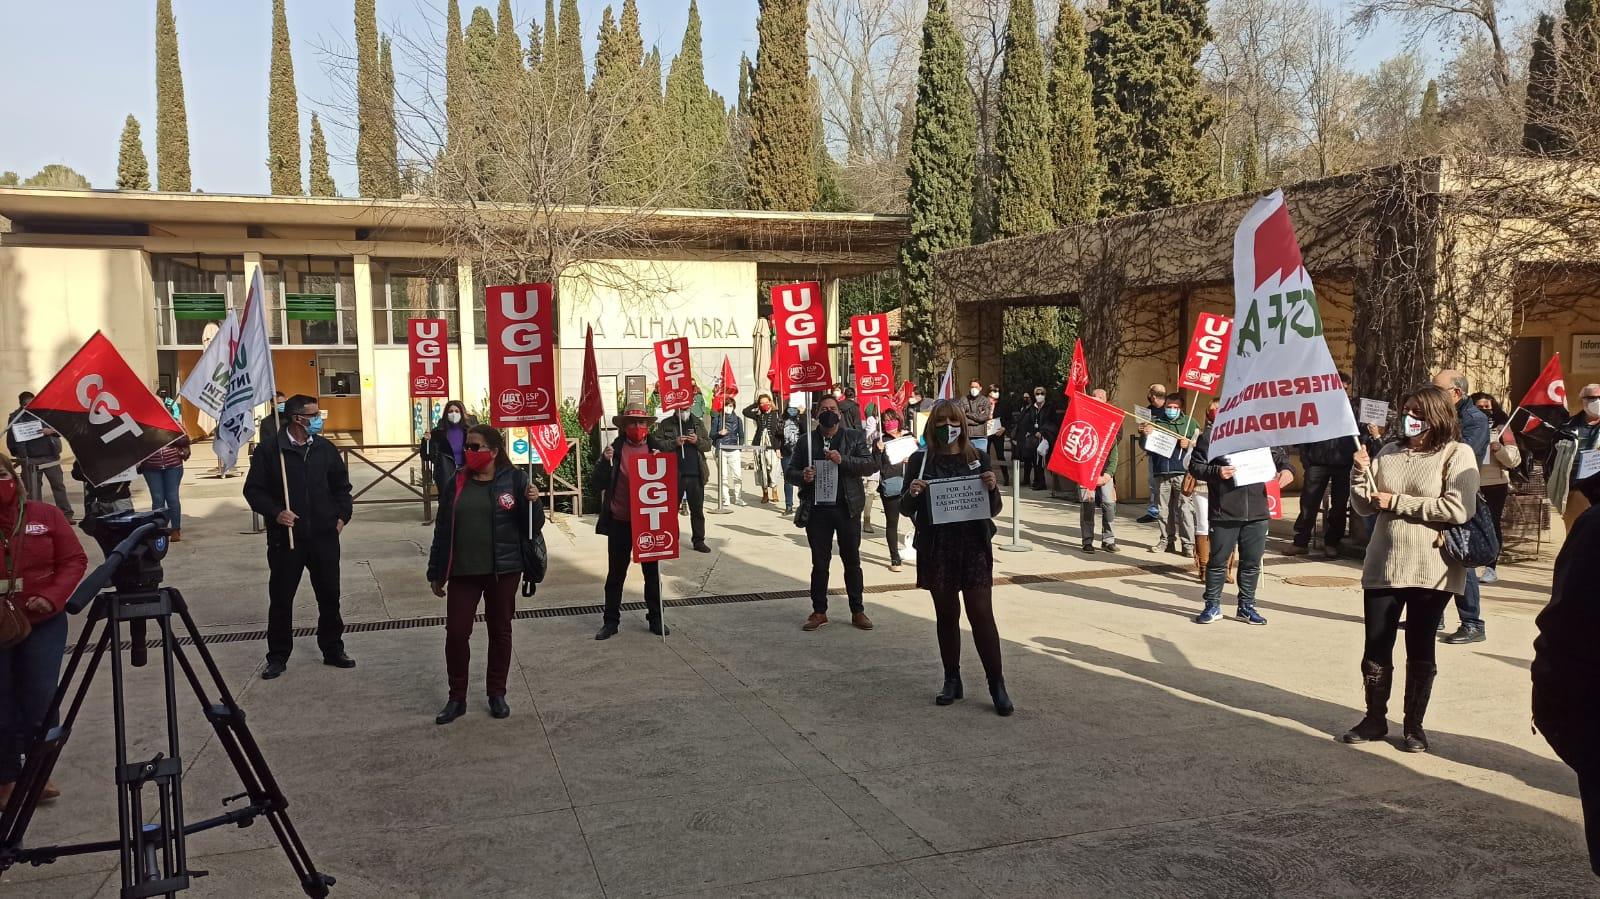 Los trabajadores del Patronato de la Alhambra y el Generalife protestan por el incumplimiento de sus derechos laborales